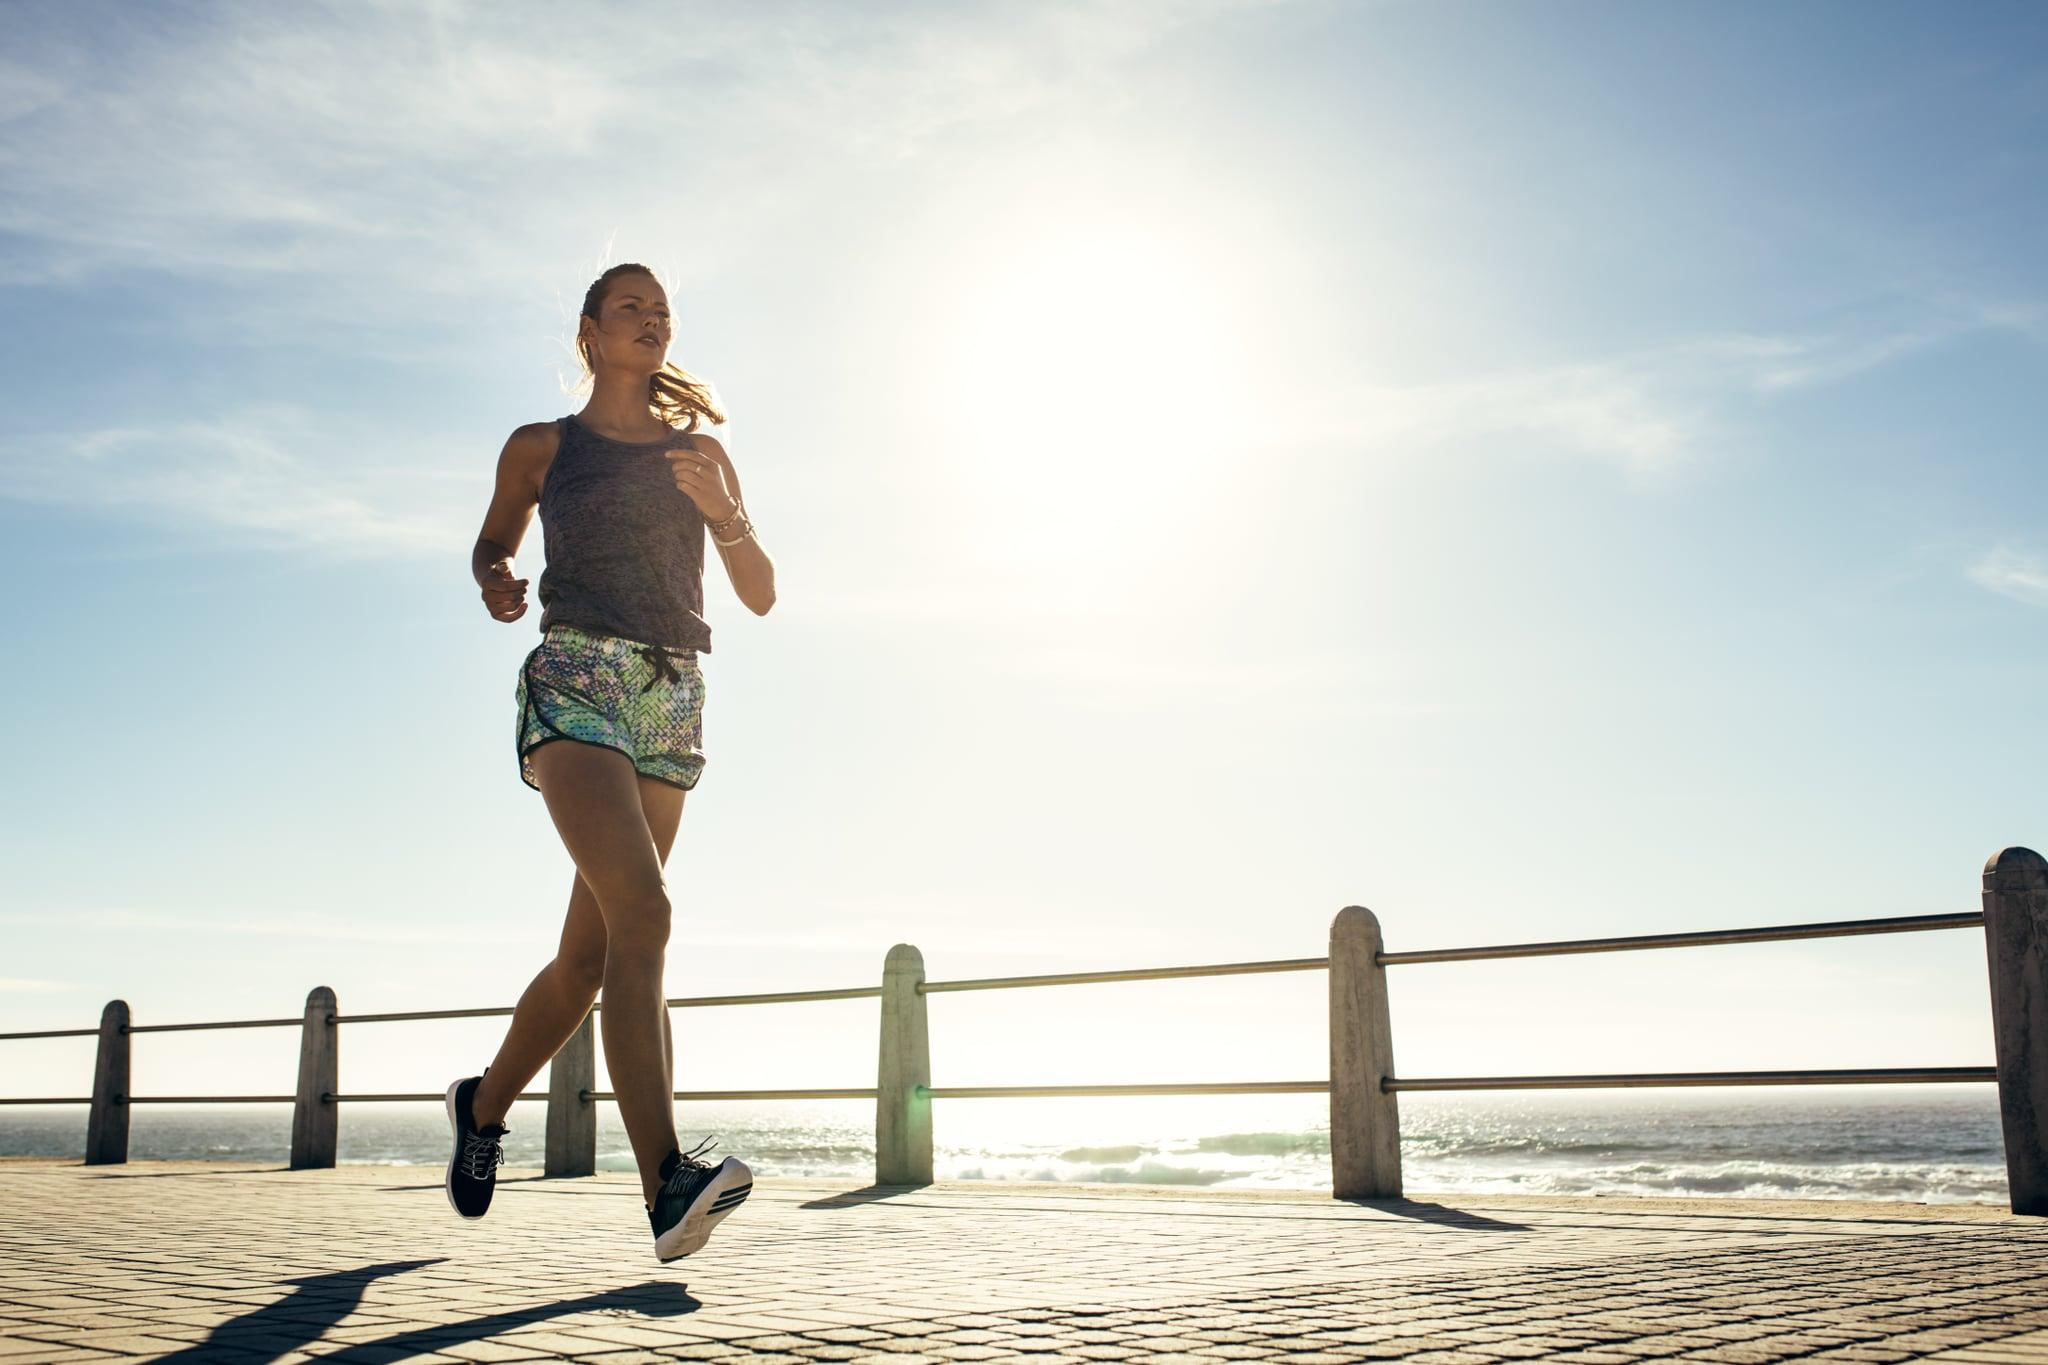 beginner running tips for getting faster